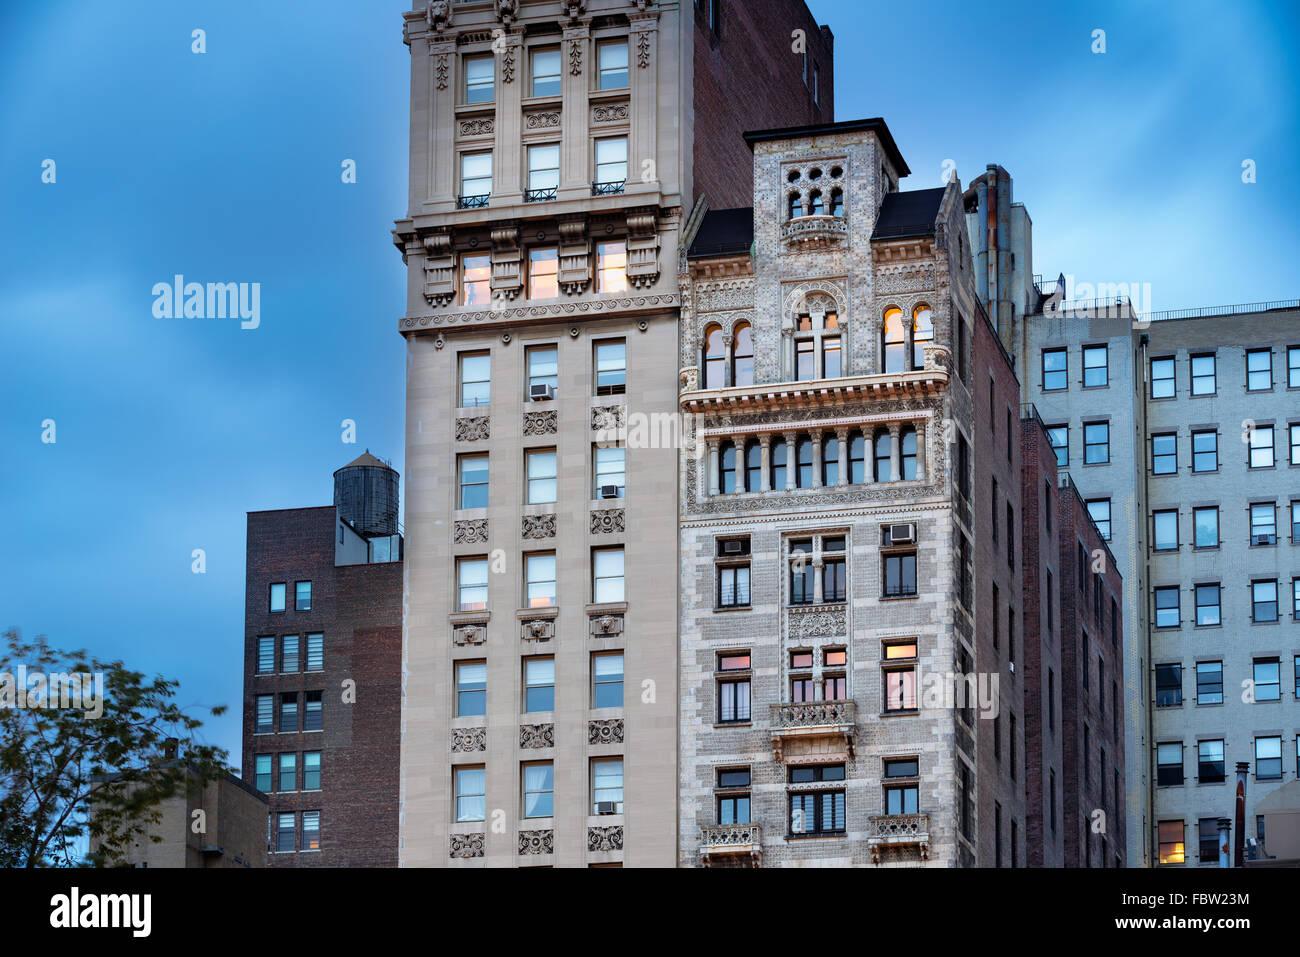 Bank of The Metropolis Gebäude und Decker Gebäude mit seiner komplizierten Terrakotta-Fassade, Union Square, Stockbild